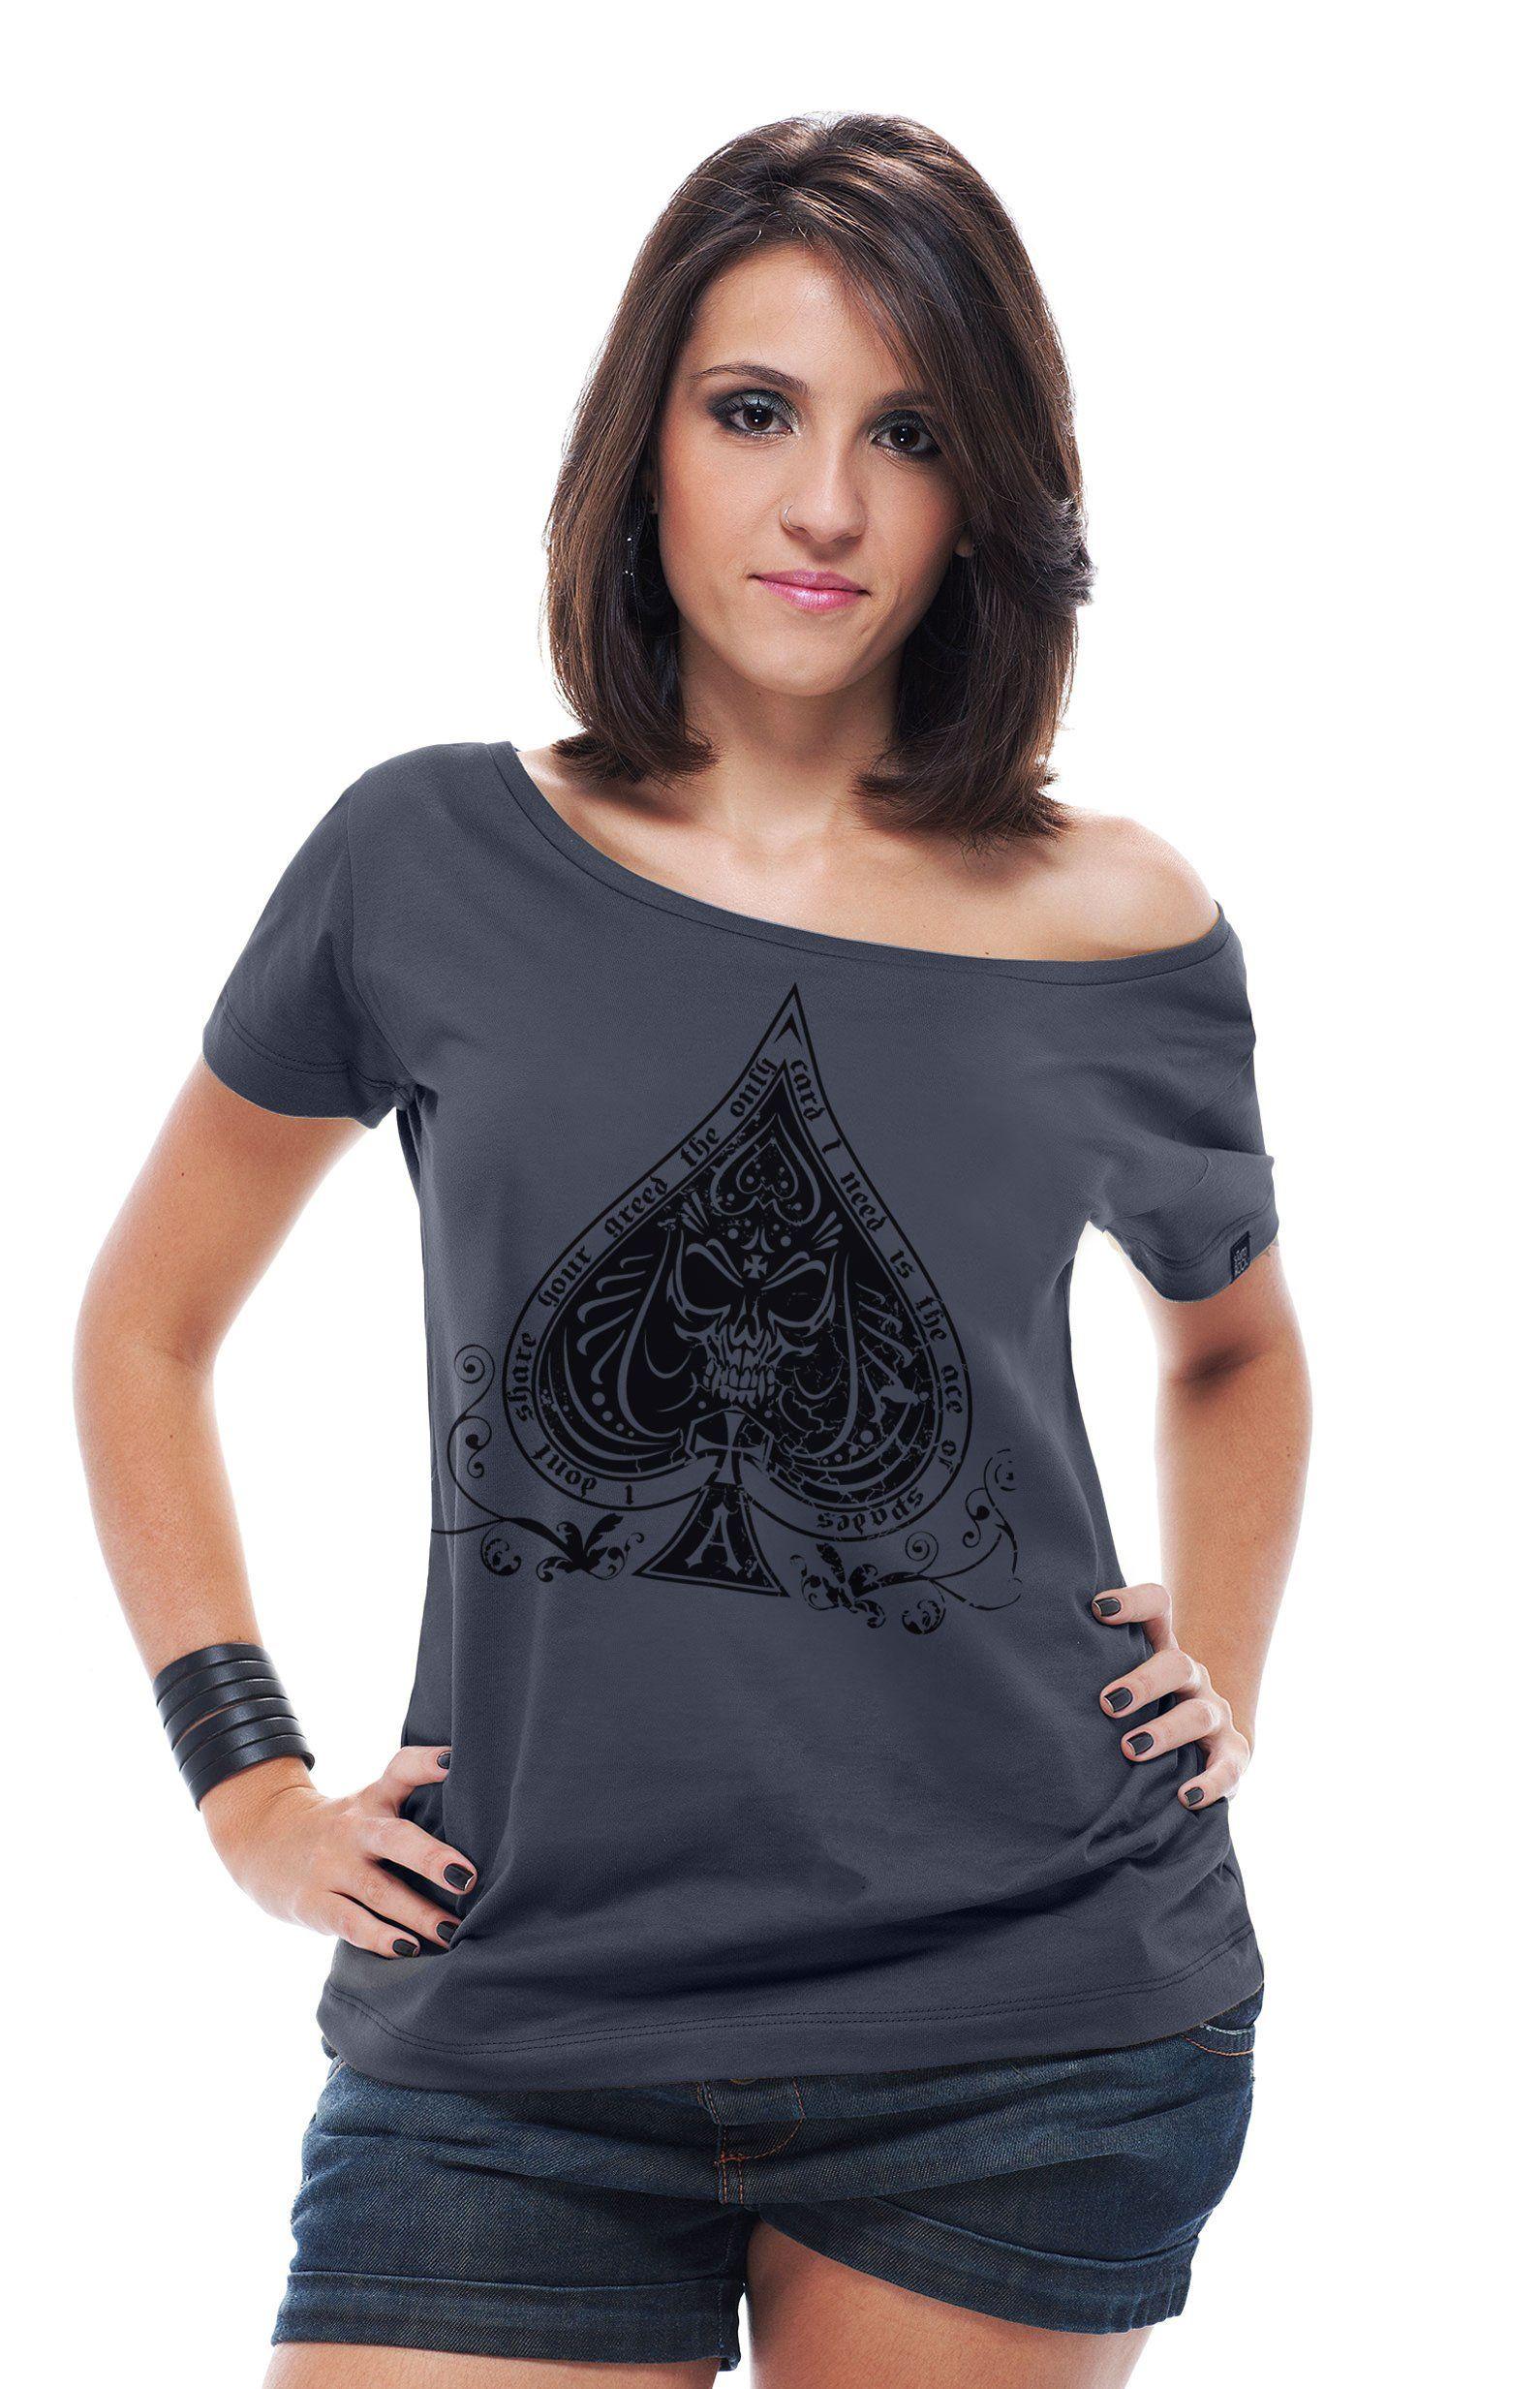 alimentando minha coleçao (compulsão) de camisetas de rock! Camiseta Motor Ace by Santo Rock